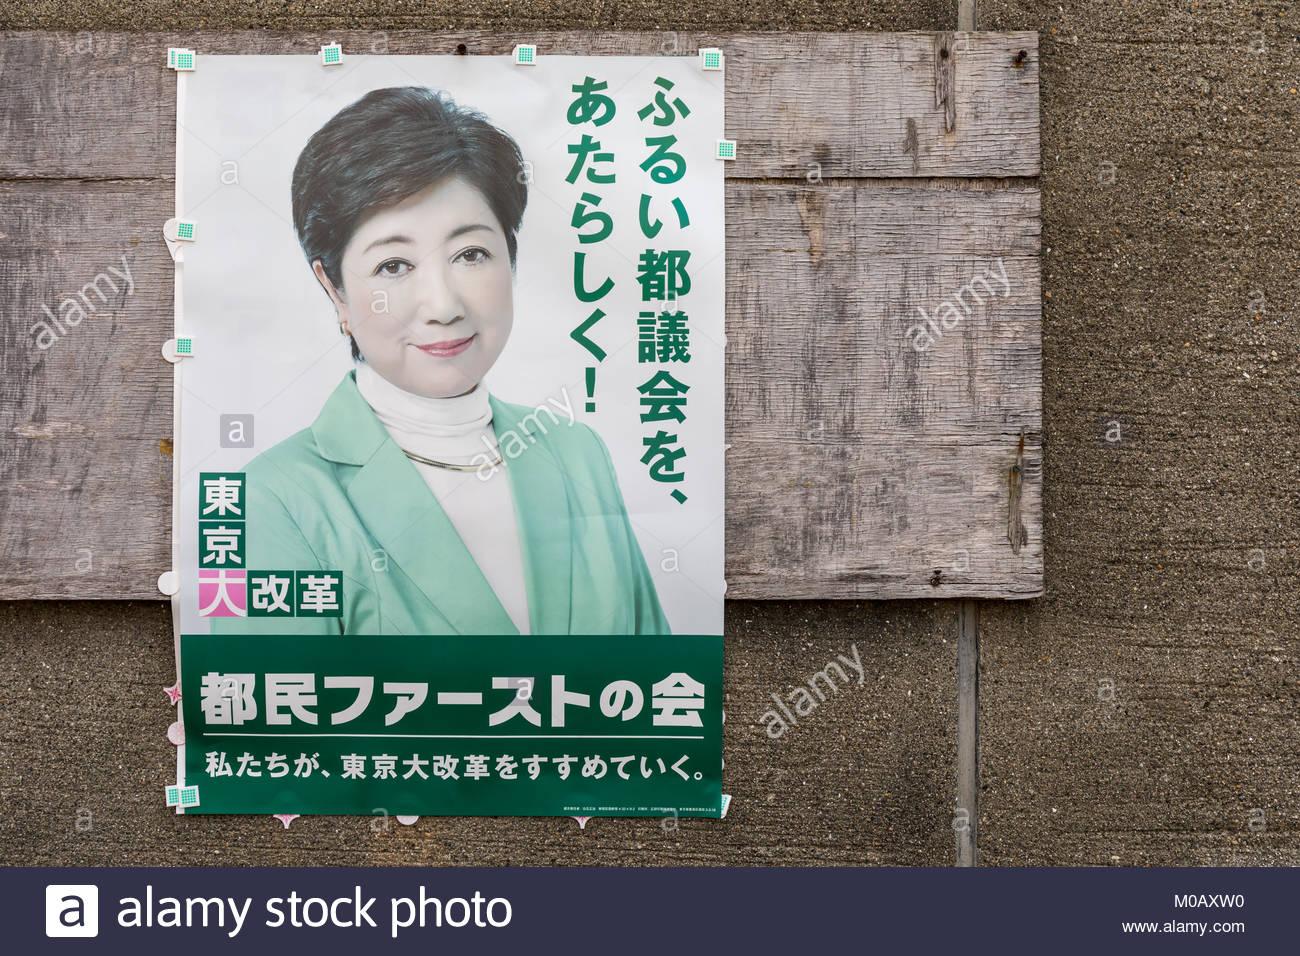 Yuriko Koike poster, Nakano, Tokyo - Stock Image